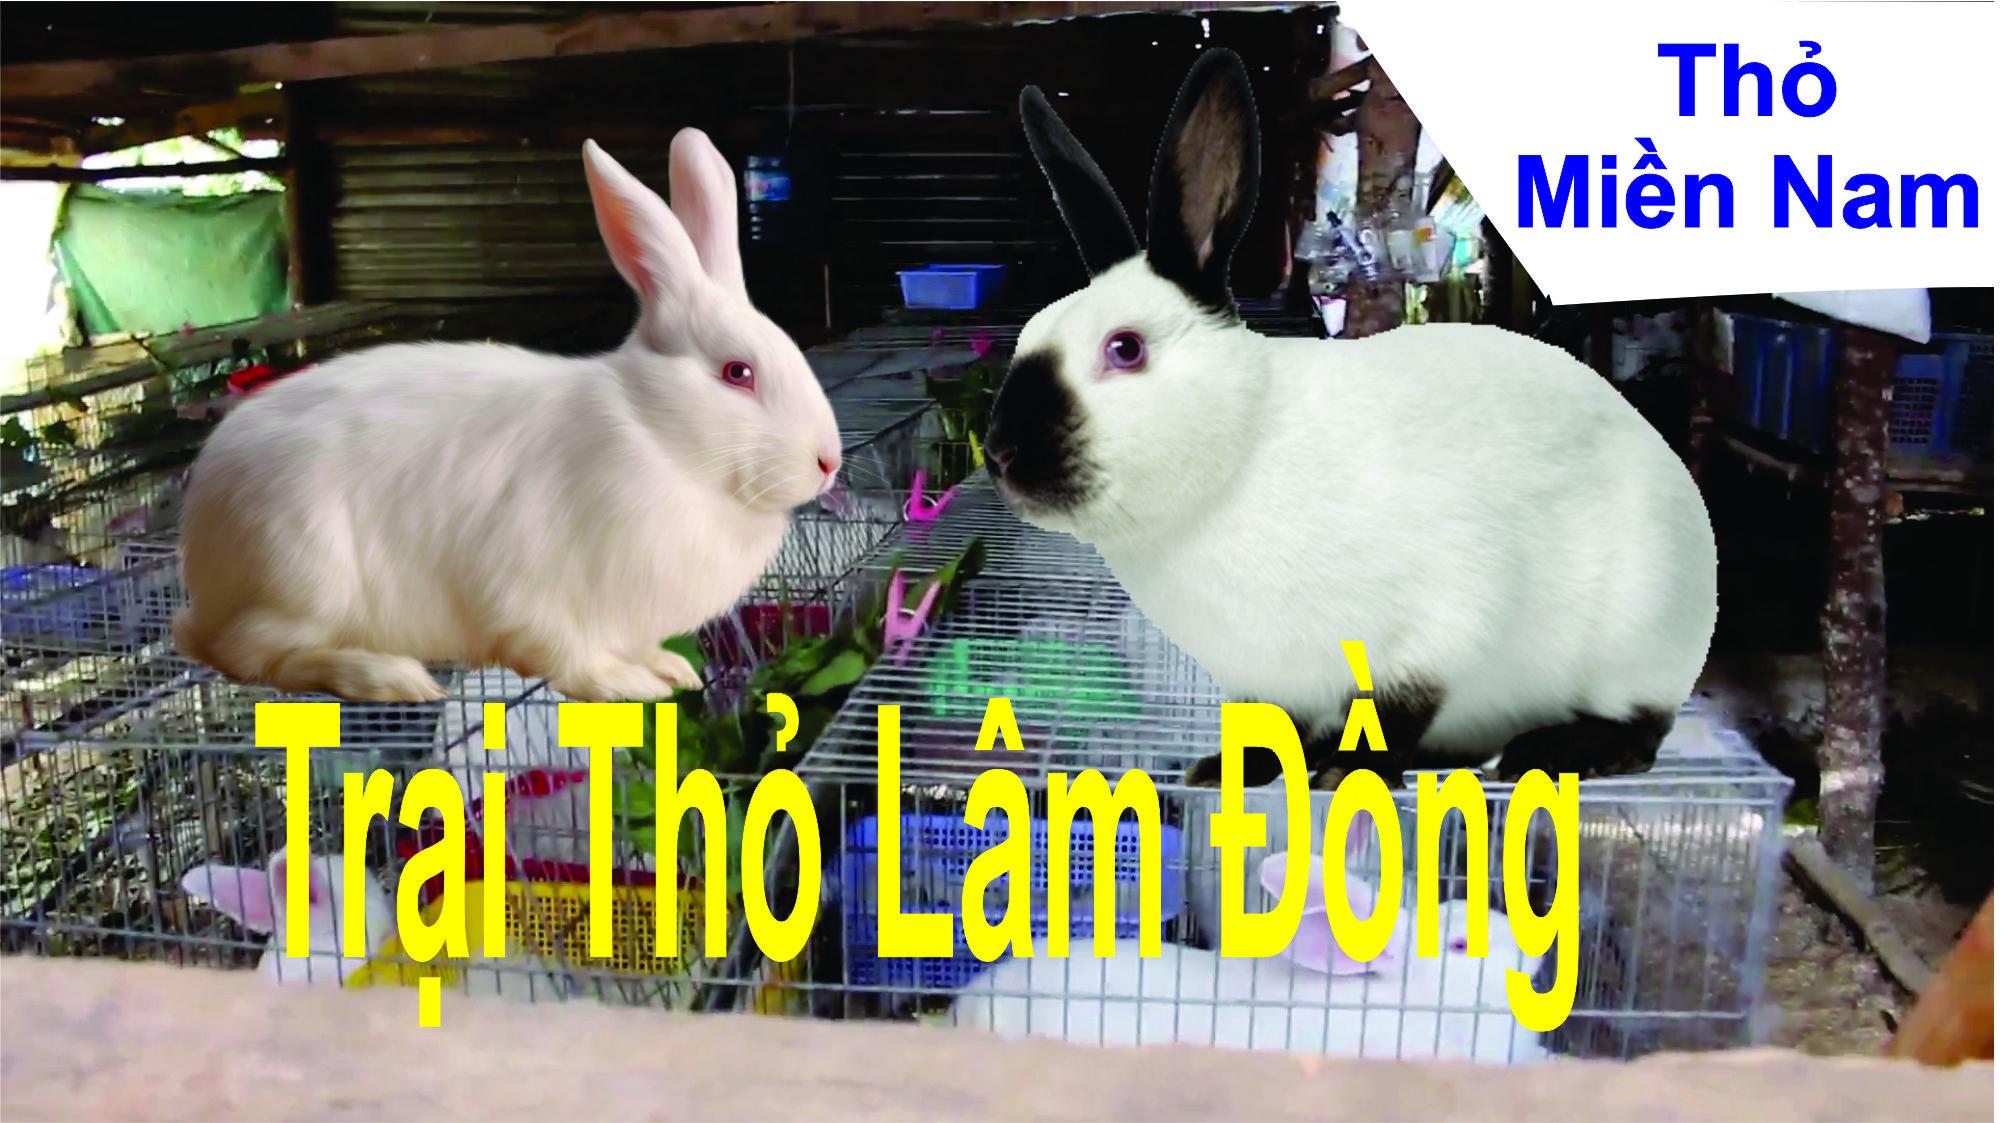 Mô hình chăn nuôi thỏ newzealand và Thỏ California ở Lâm Đồng